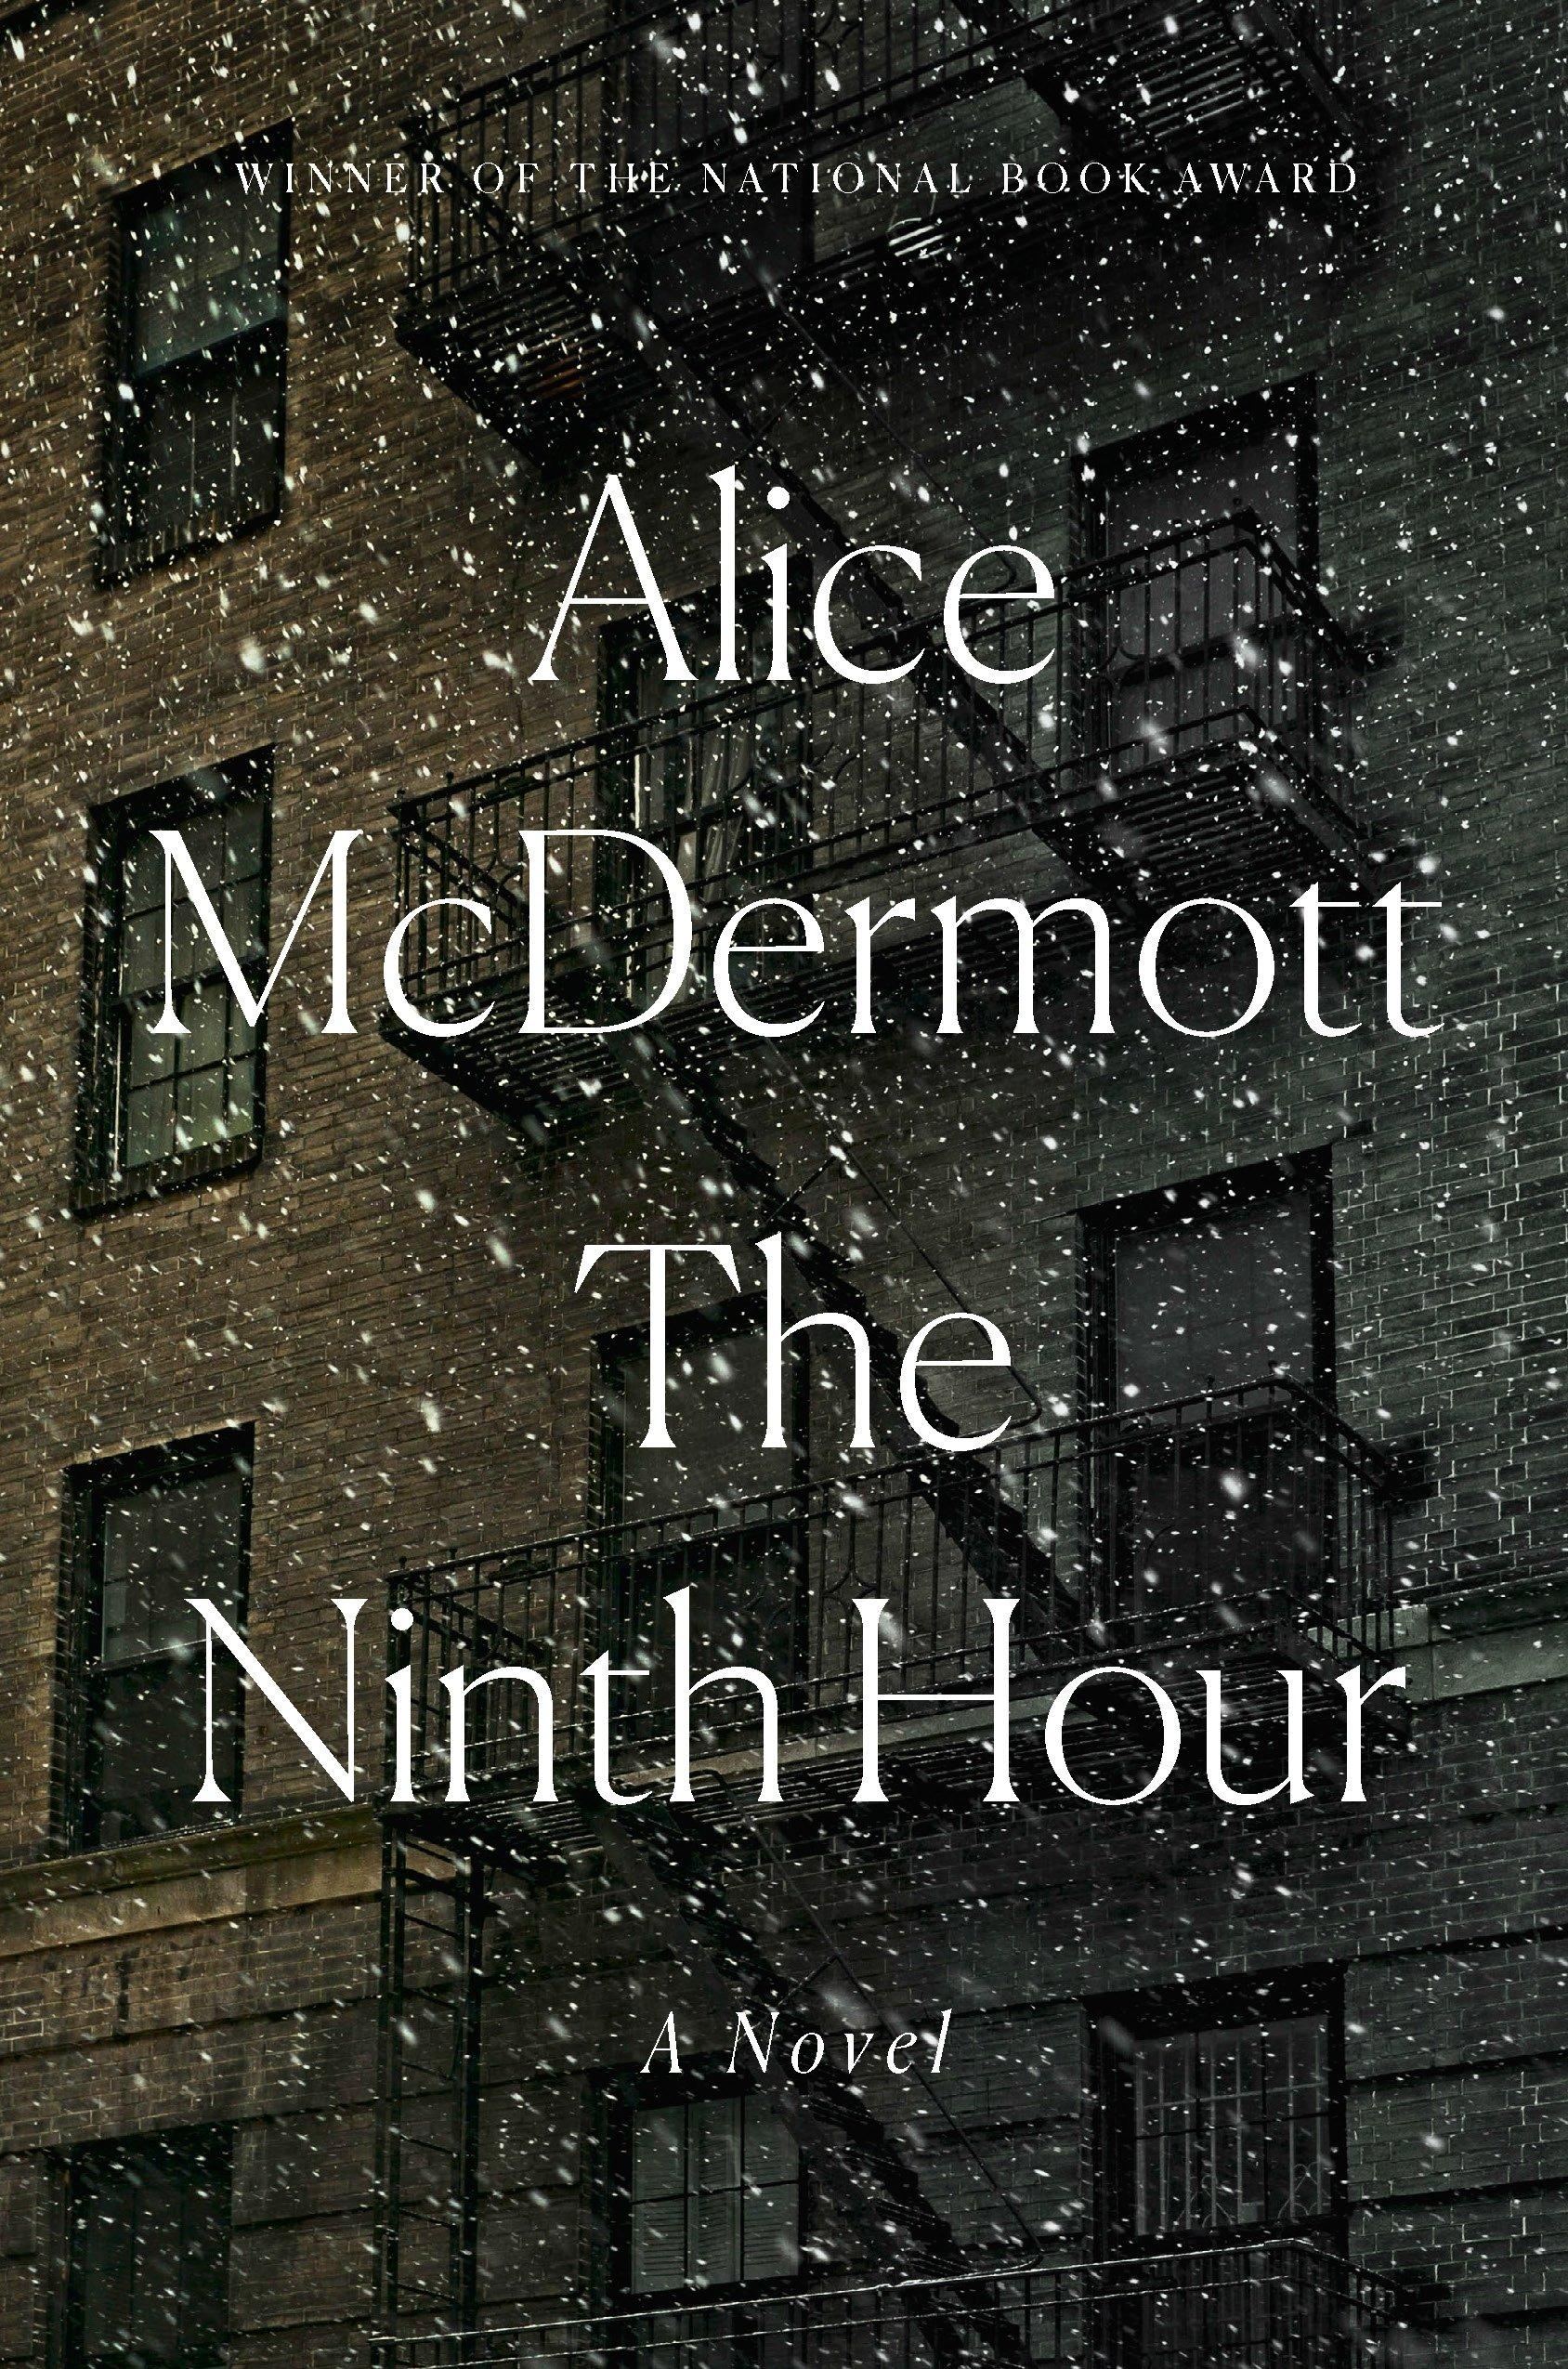 20世紀前半のニューヨークで貧しい移民を支えたカトリック尼僧らの理想と現実を描く小説 The Ninth Hour